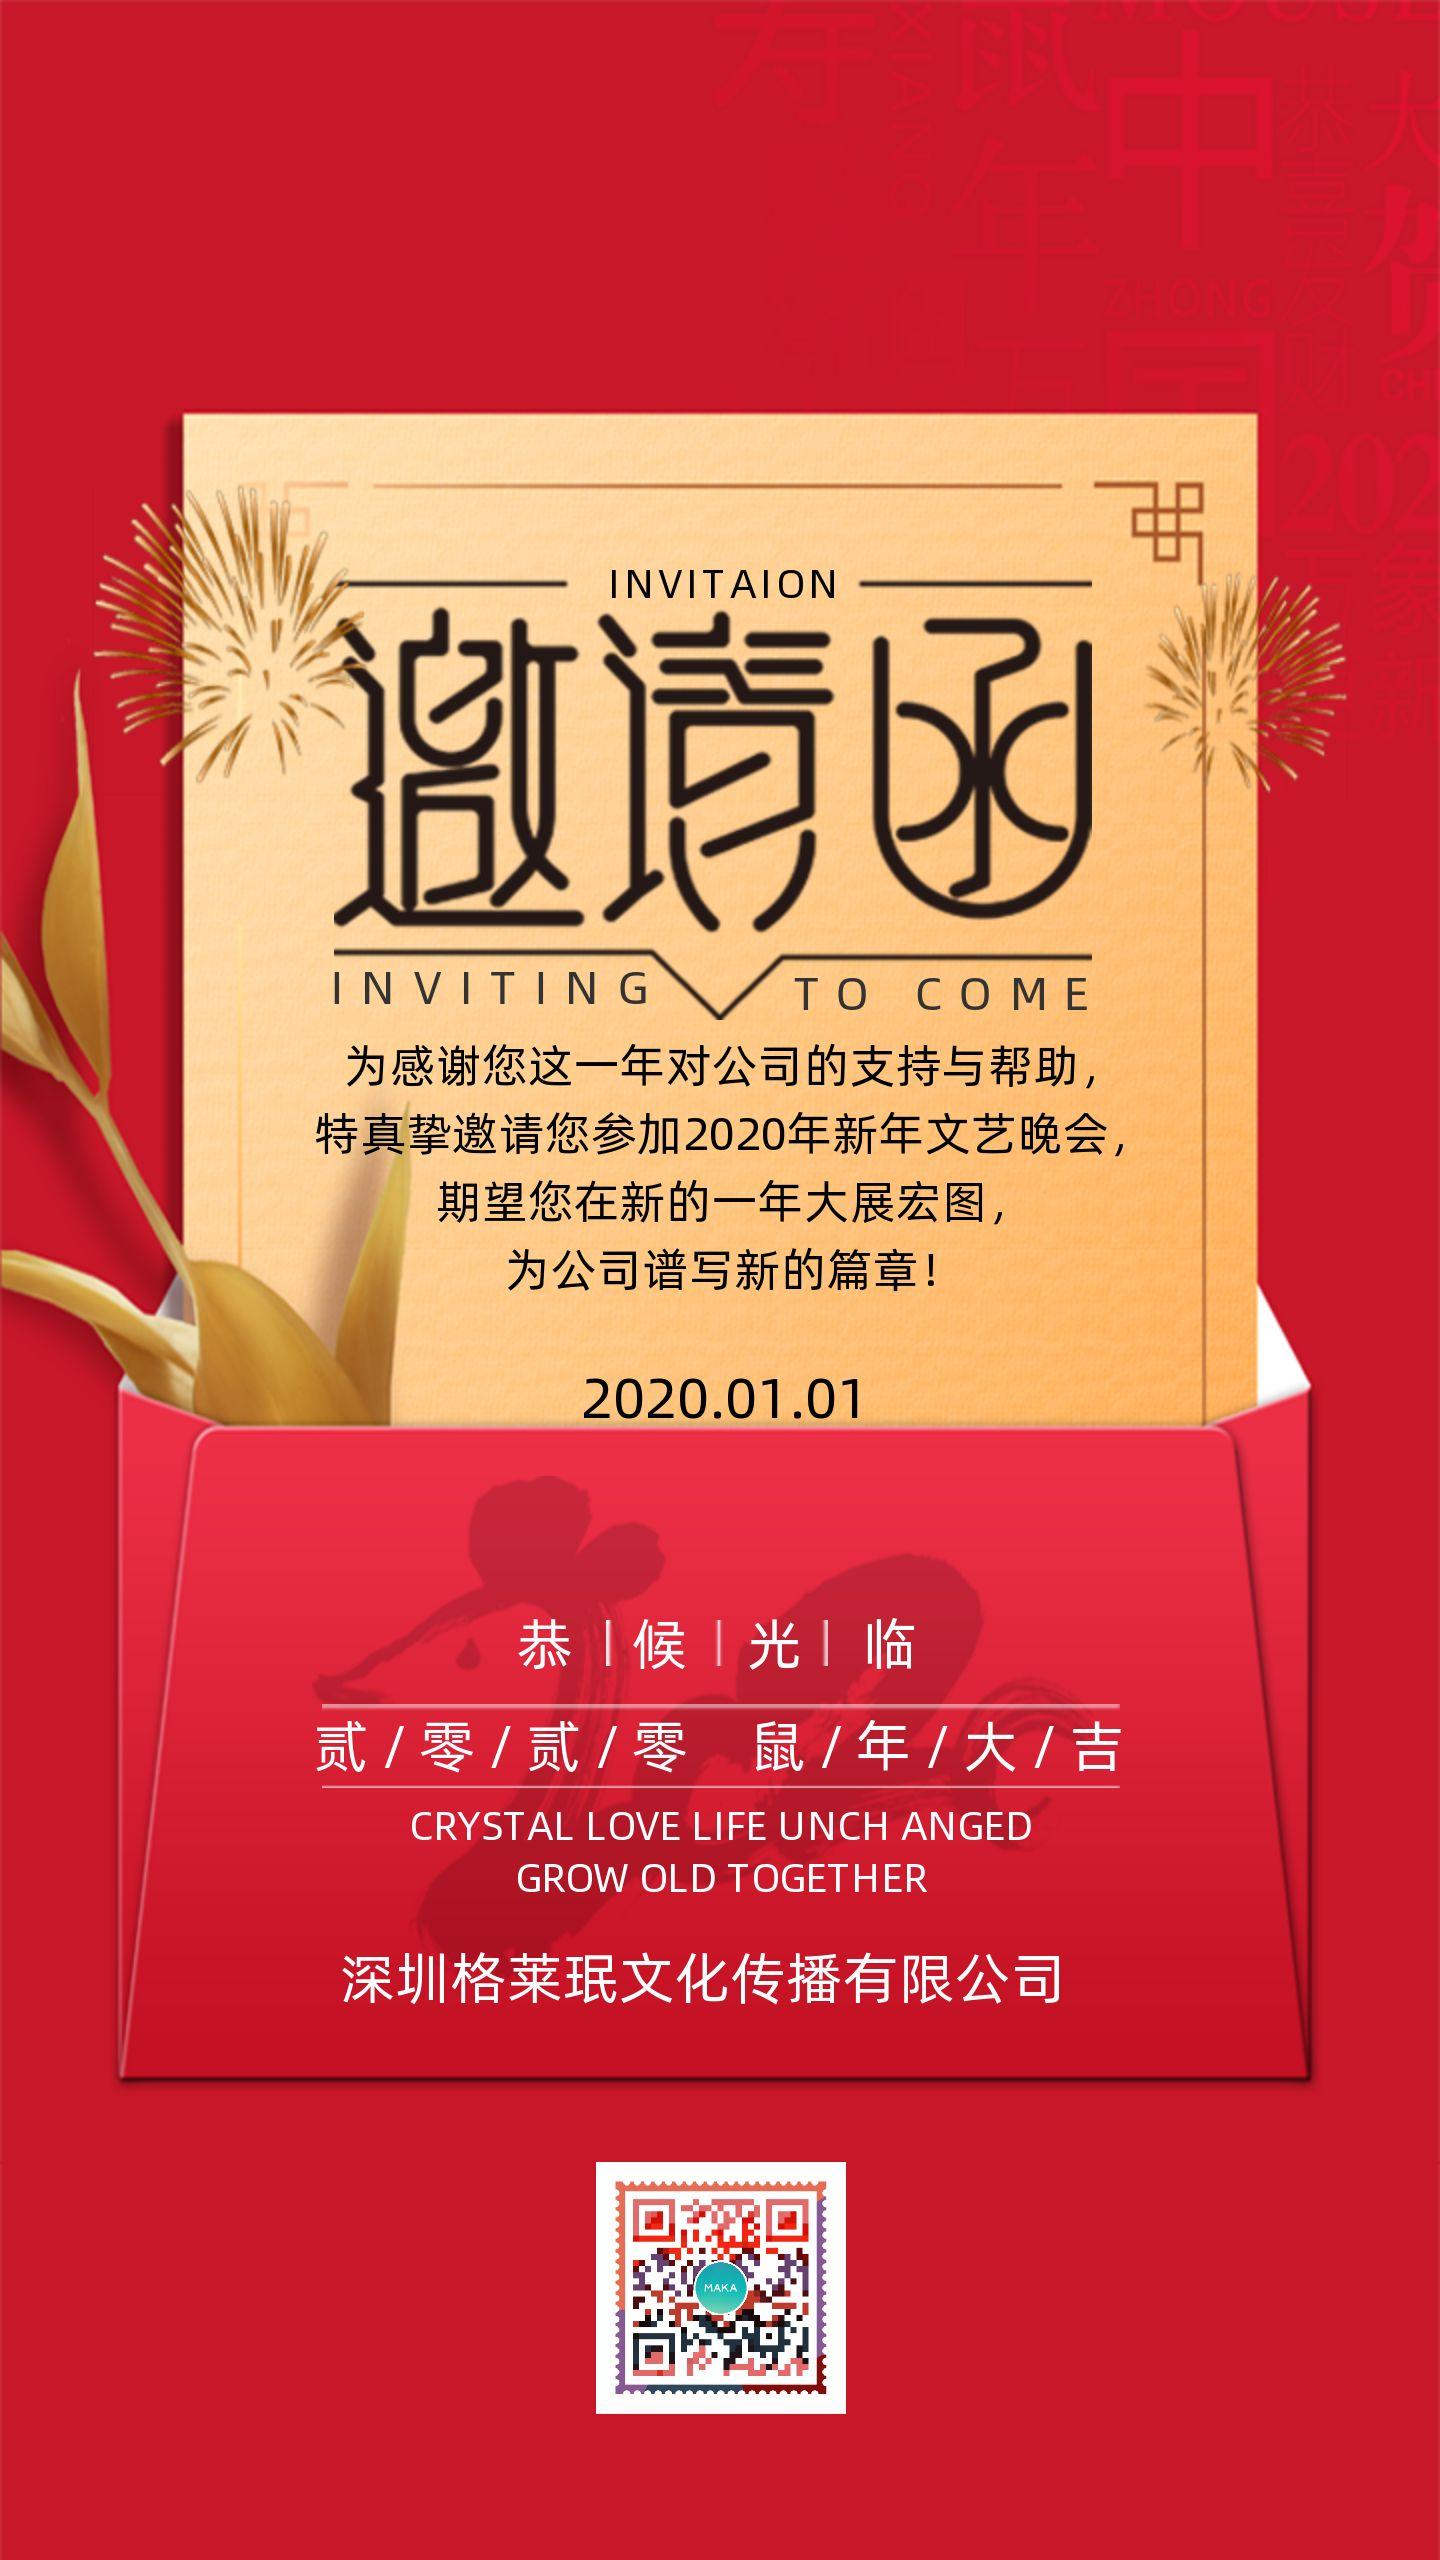 高端大气会议邀请新品发布会展年会文艺晚会邀请函宣传海报